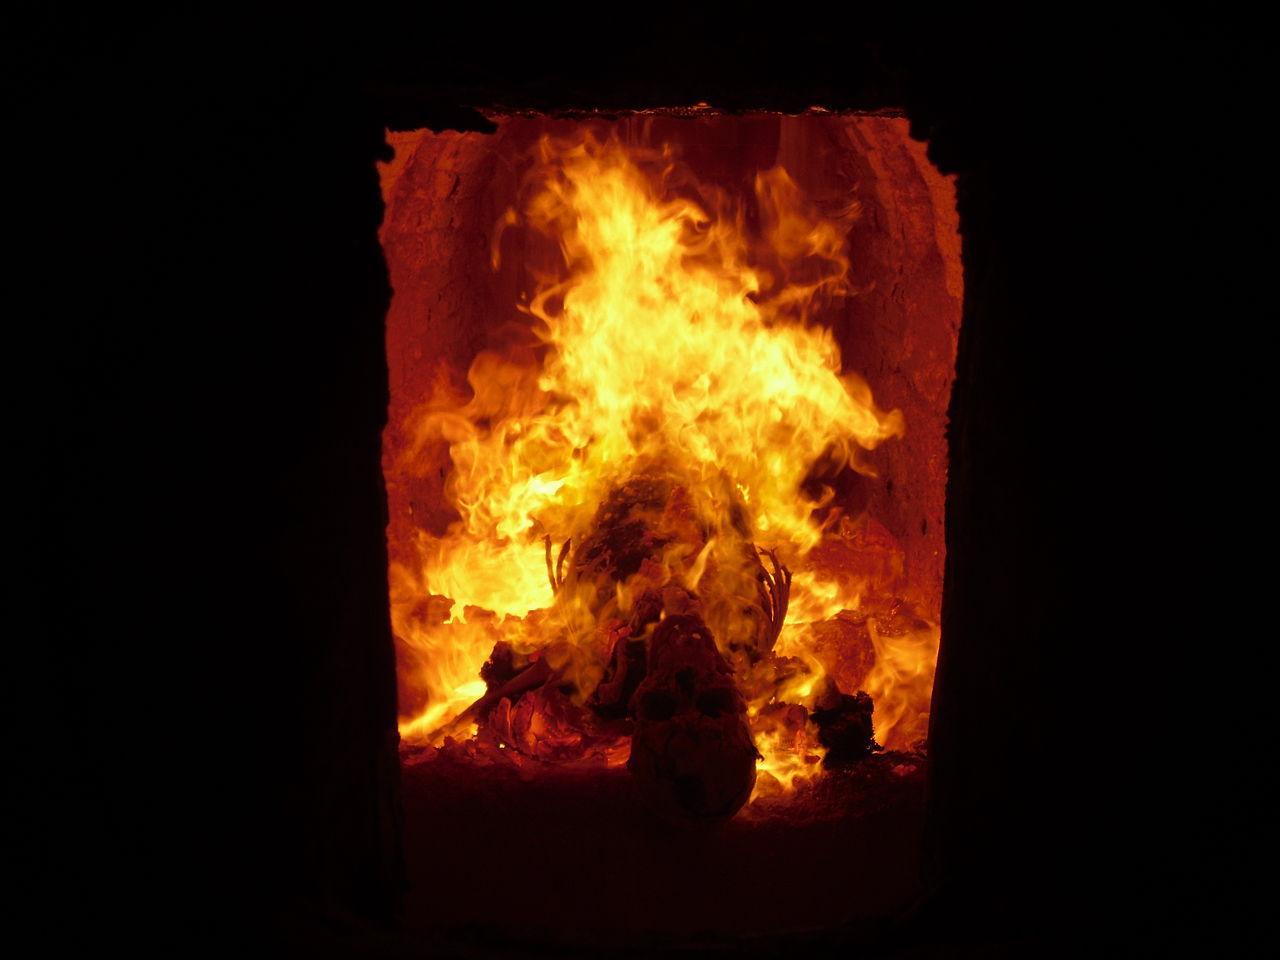 1280px-Verbrennung_eines_Toten_in_einem_Krematorium_2009-09-05